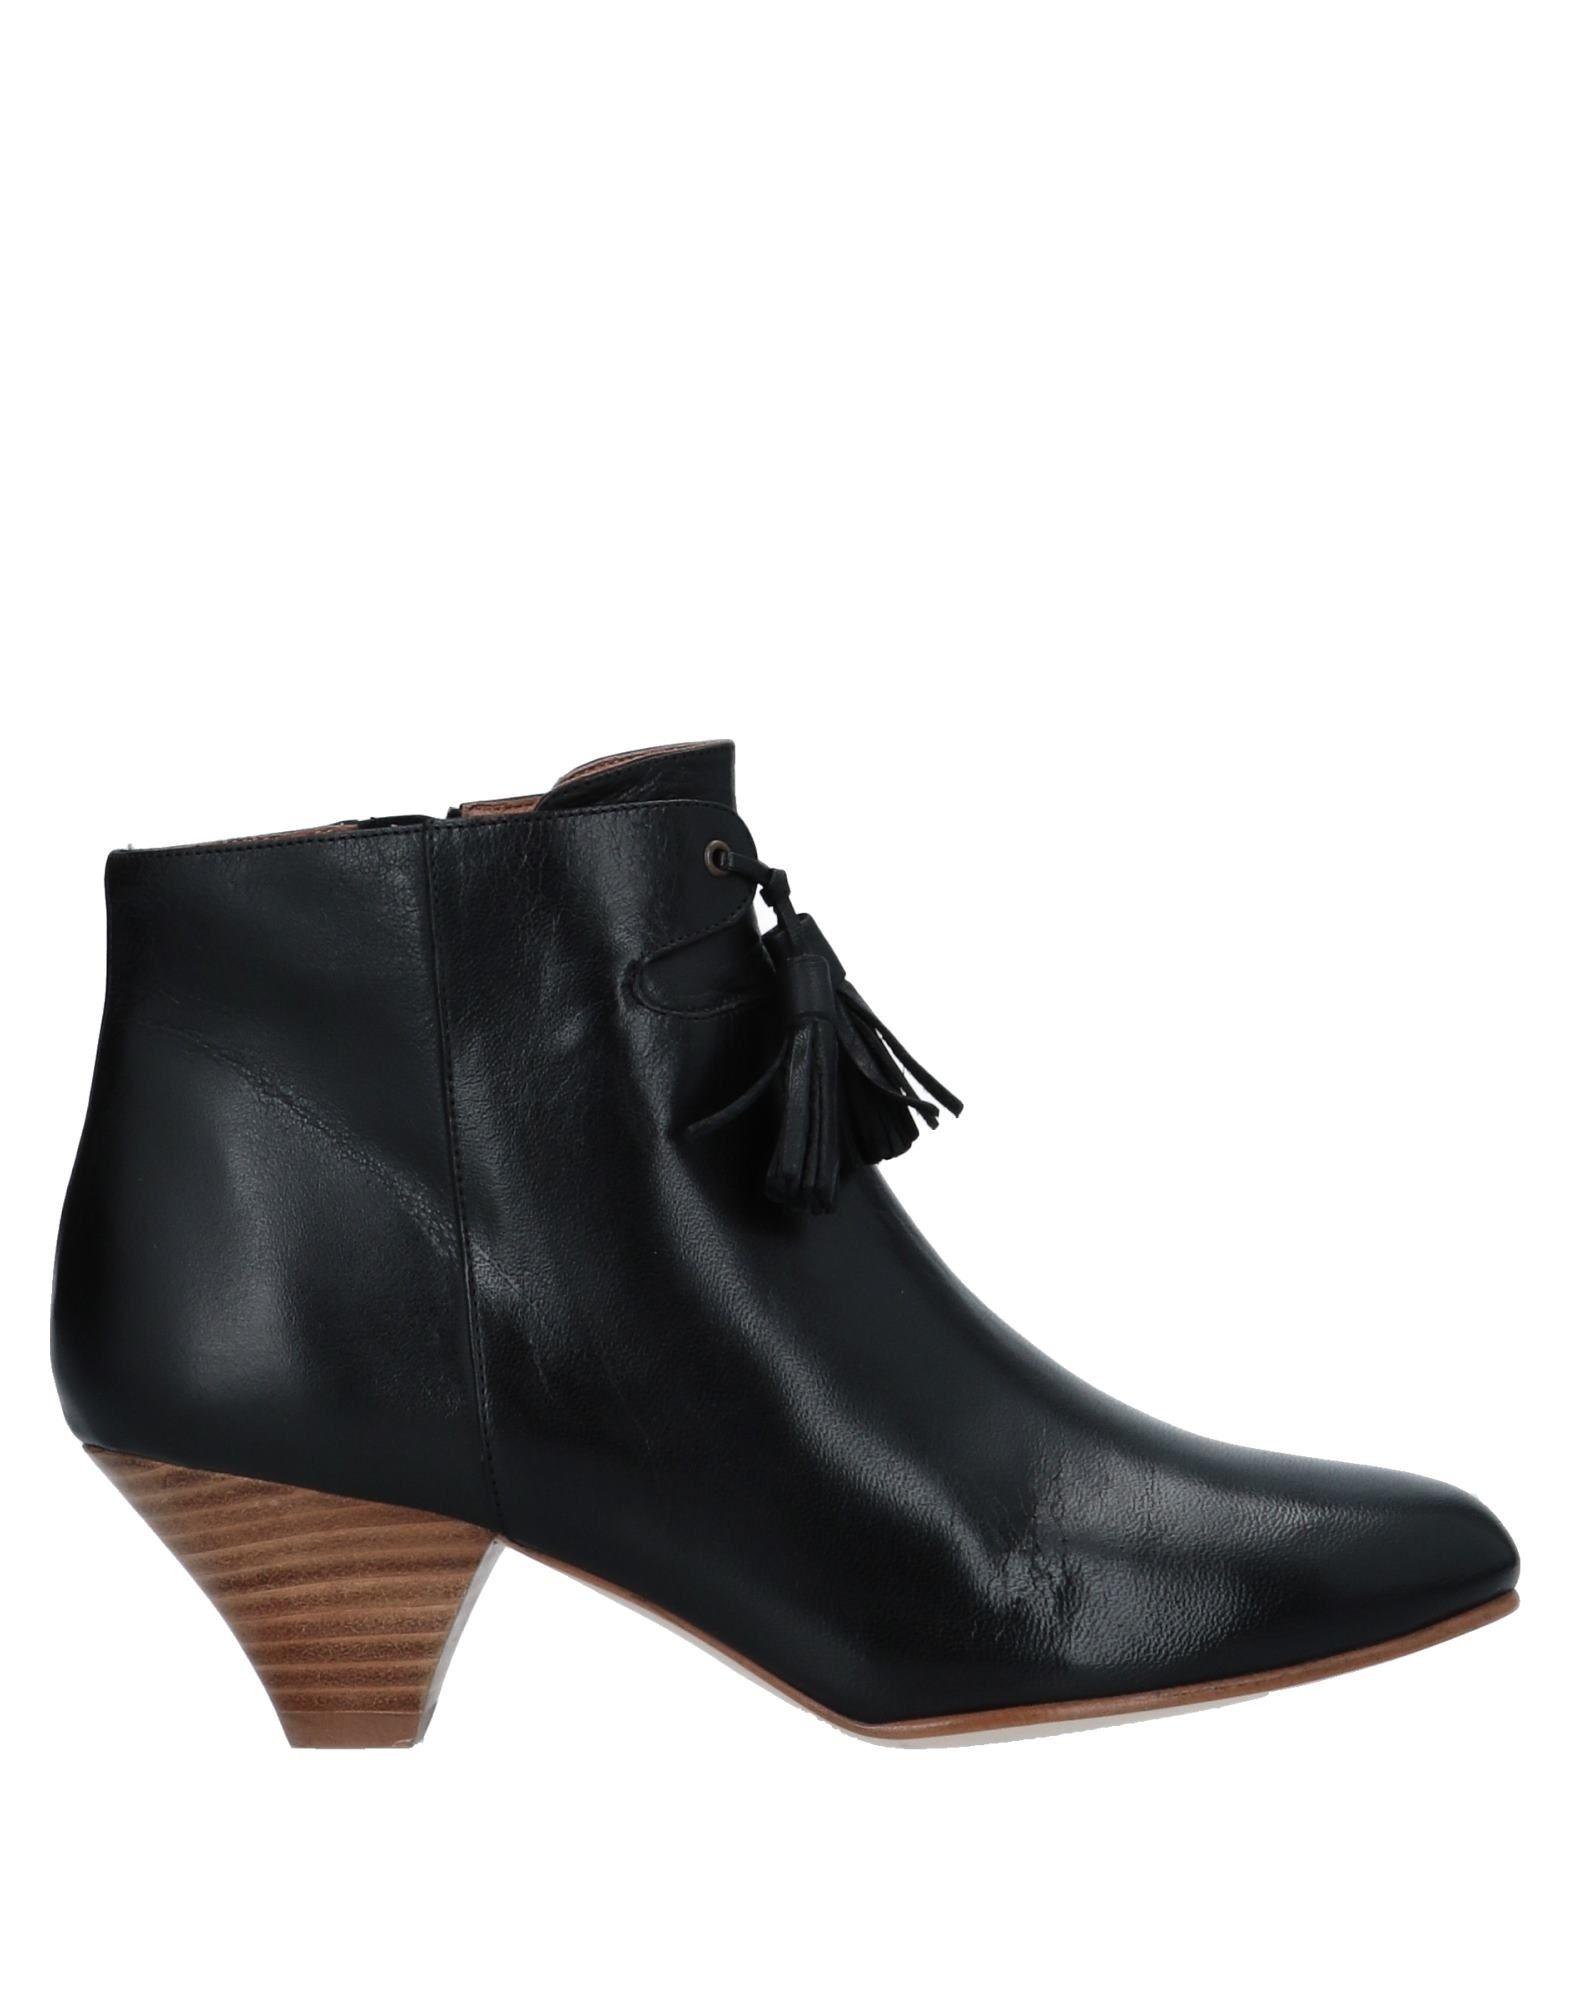 Sessun Stiefelette Damen  11535207LEGut aussehende strapazierfähige Schuhe